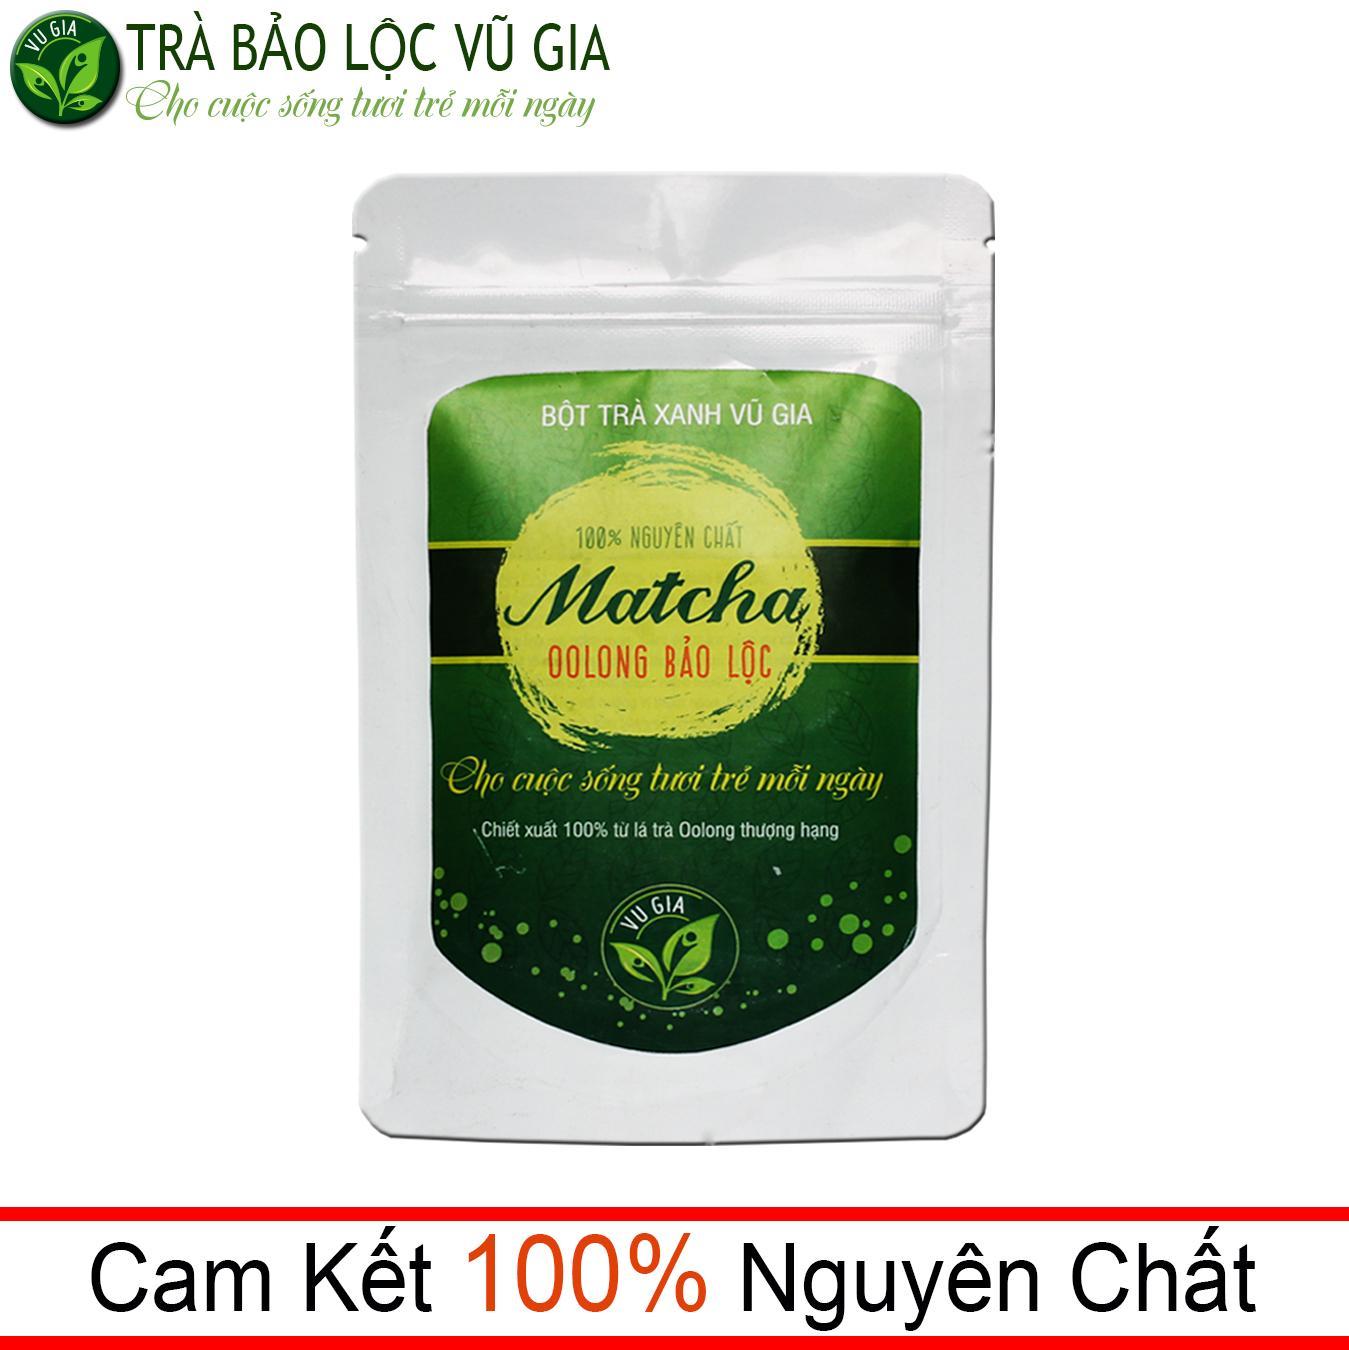 Matcha Oolong Nguyên Chất Bảo Lộc Vũ Gia ( 100g/ túi) - pha trà sữa, làm bánh, gia vị món ăn thanh nhiệt cơ thể và giảm cân an toàn